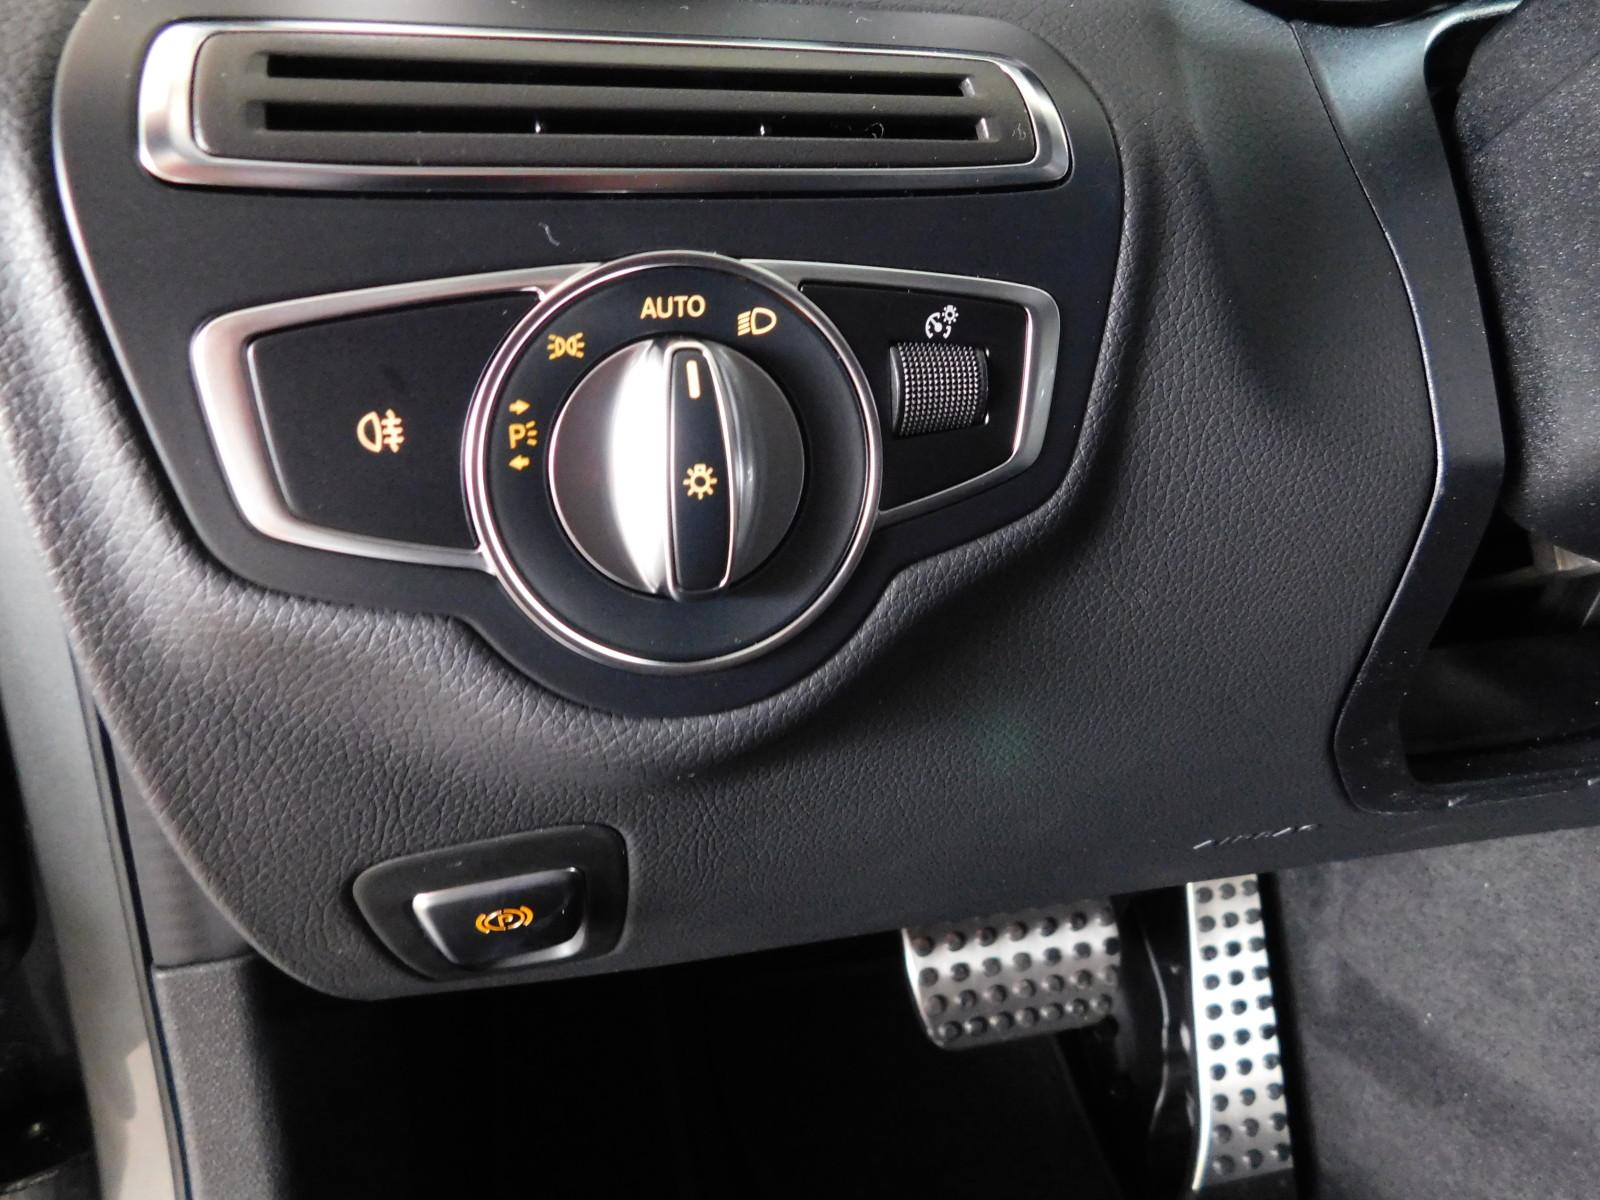 Mercedes-Benz C220